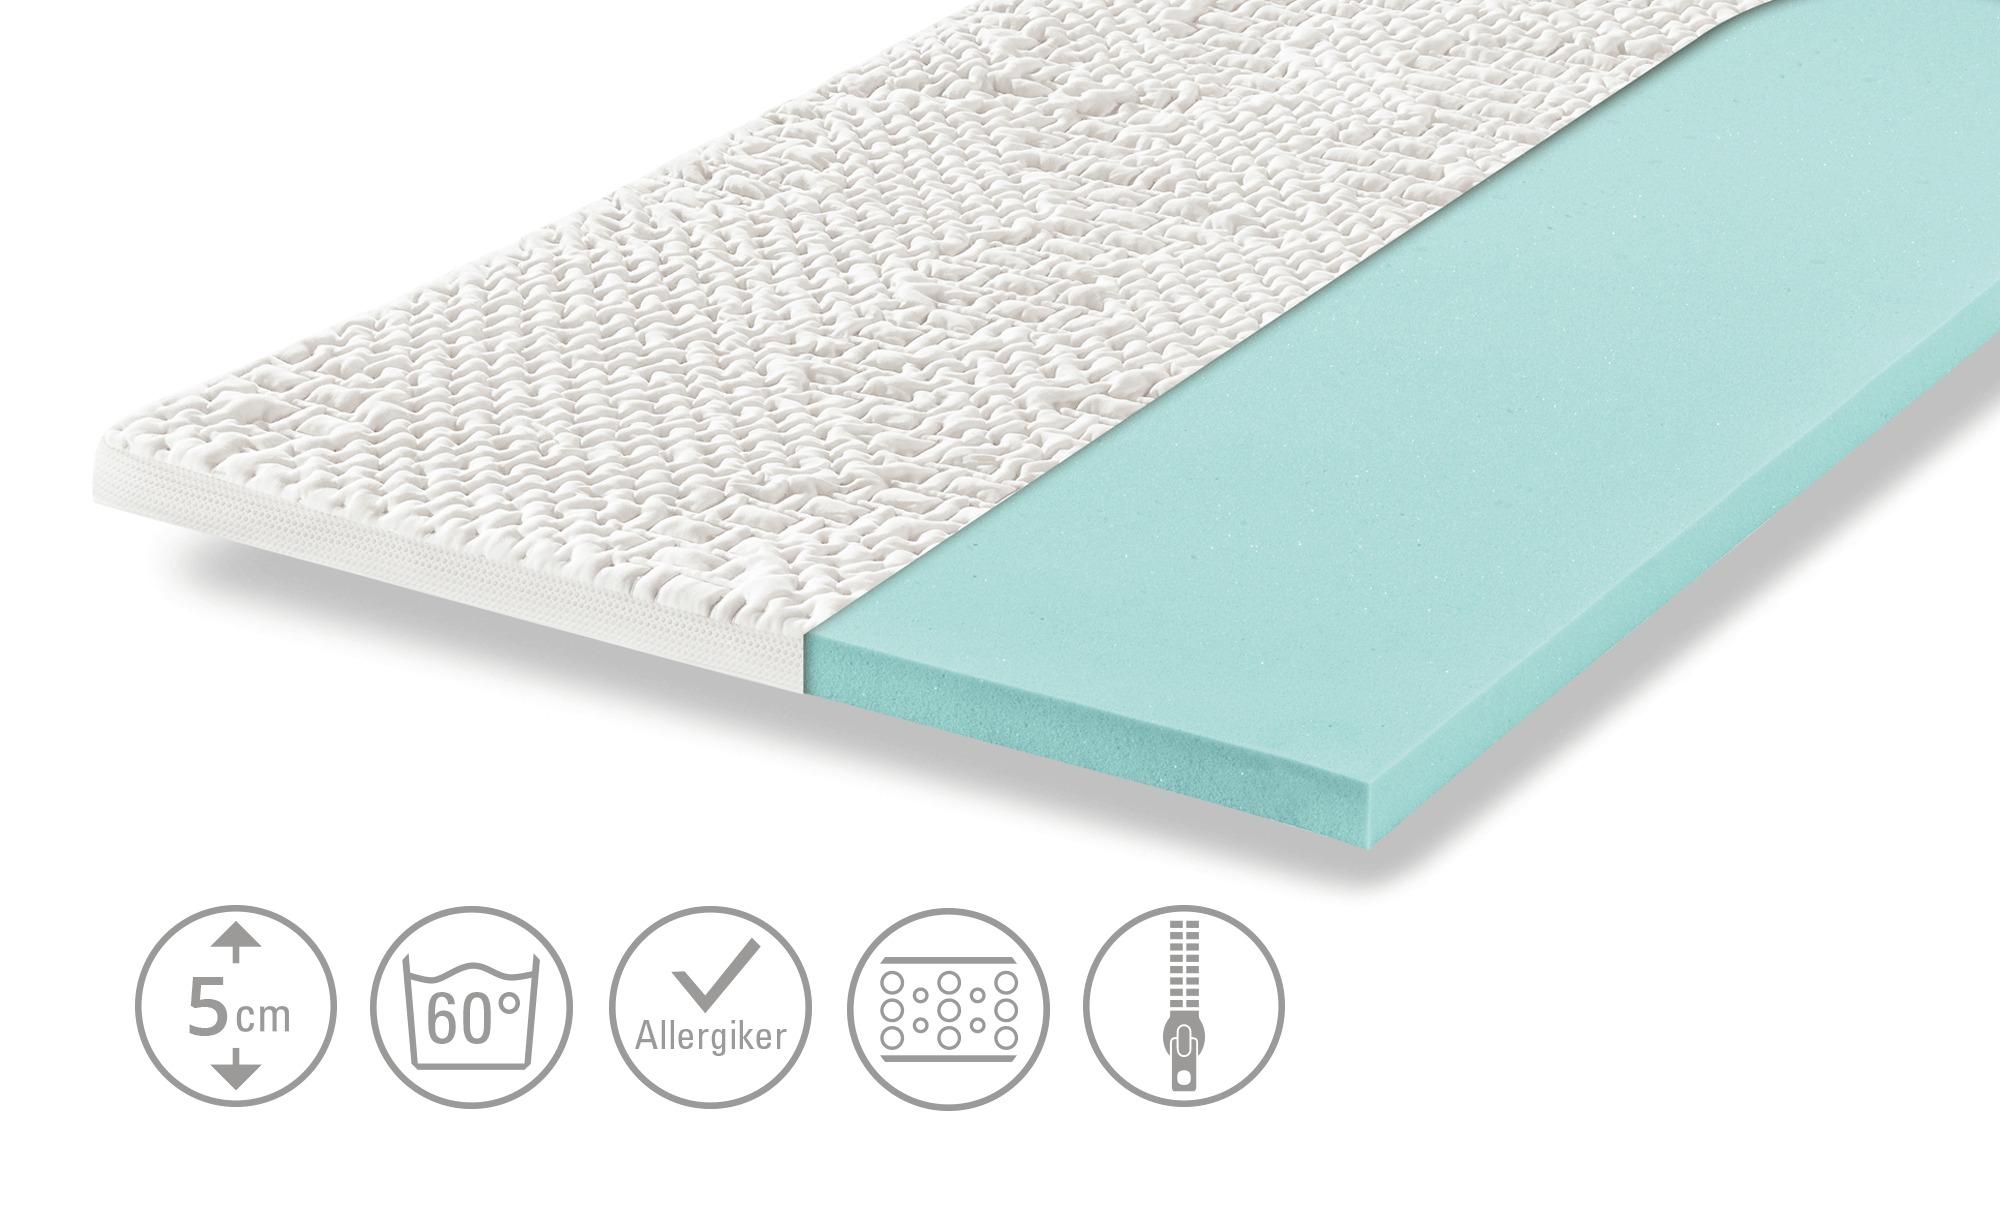 Möve Kaltschaumtopper  Aqua Med KS - weiß - 200 cm - 5 cm - Matratzen & Lattenroste > Matratzenarten > Matratzen-Topper - Möbel Kraft | Schlafzimmer > Matratzen > Unterbetten | Möve